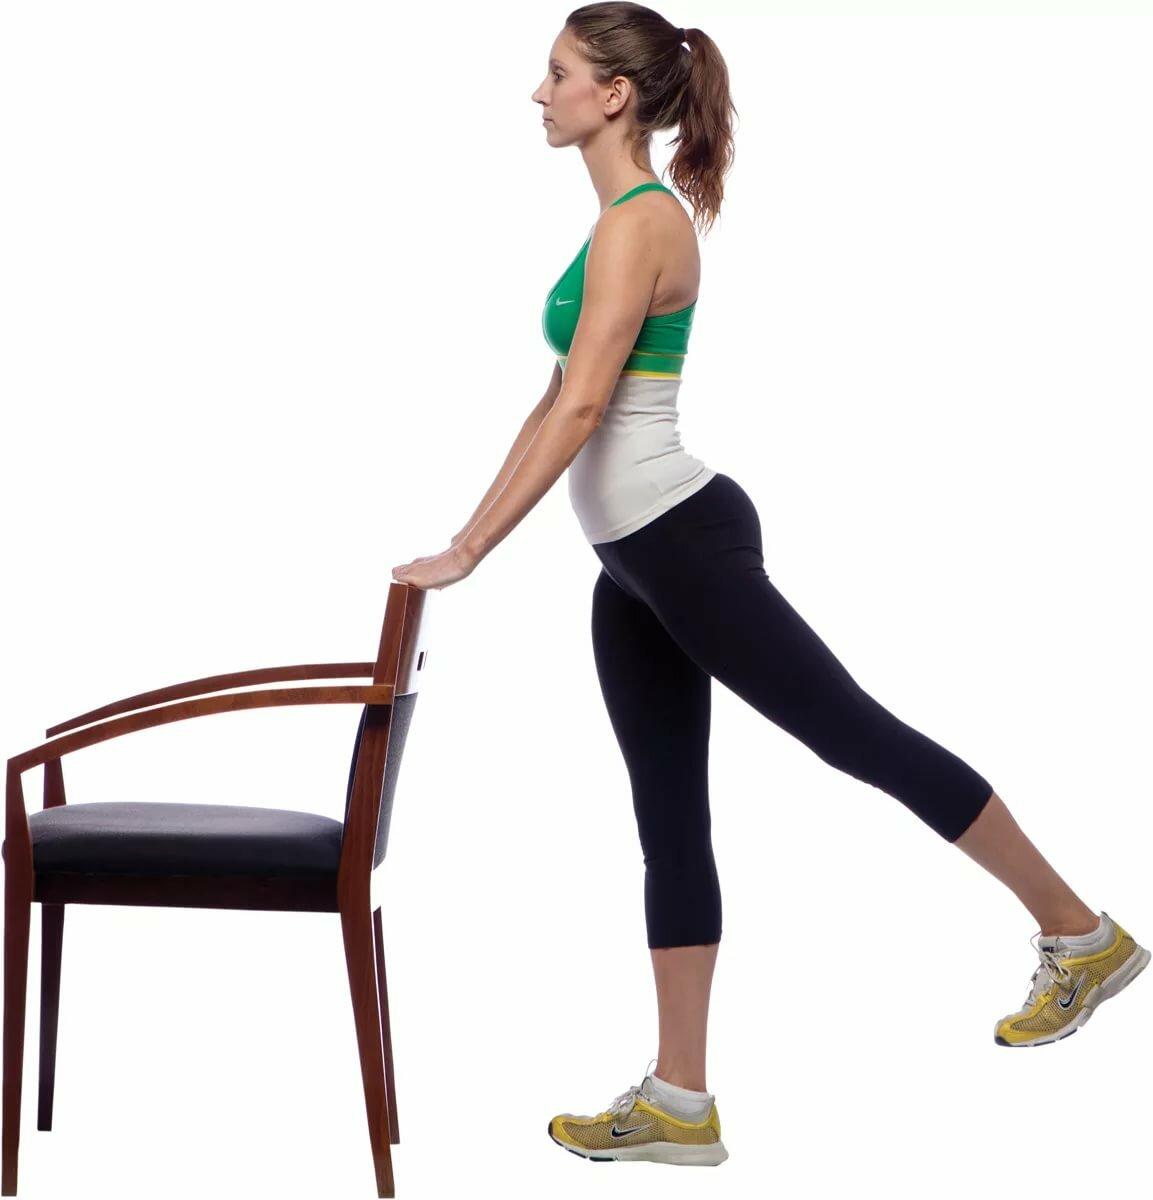 Картинки упражнения для бедер и ног